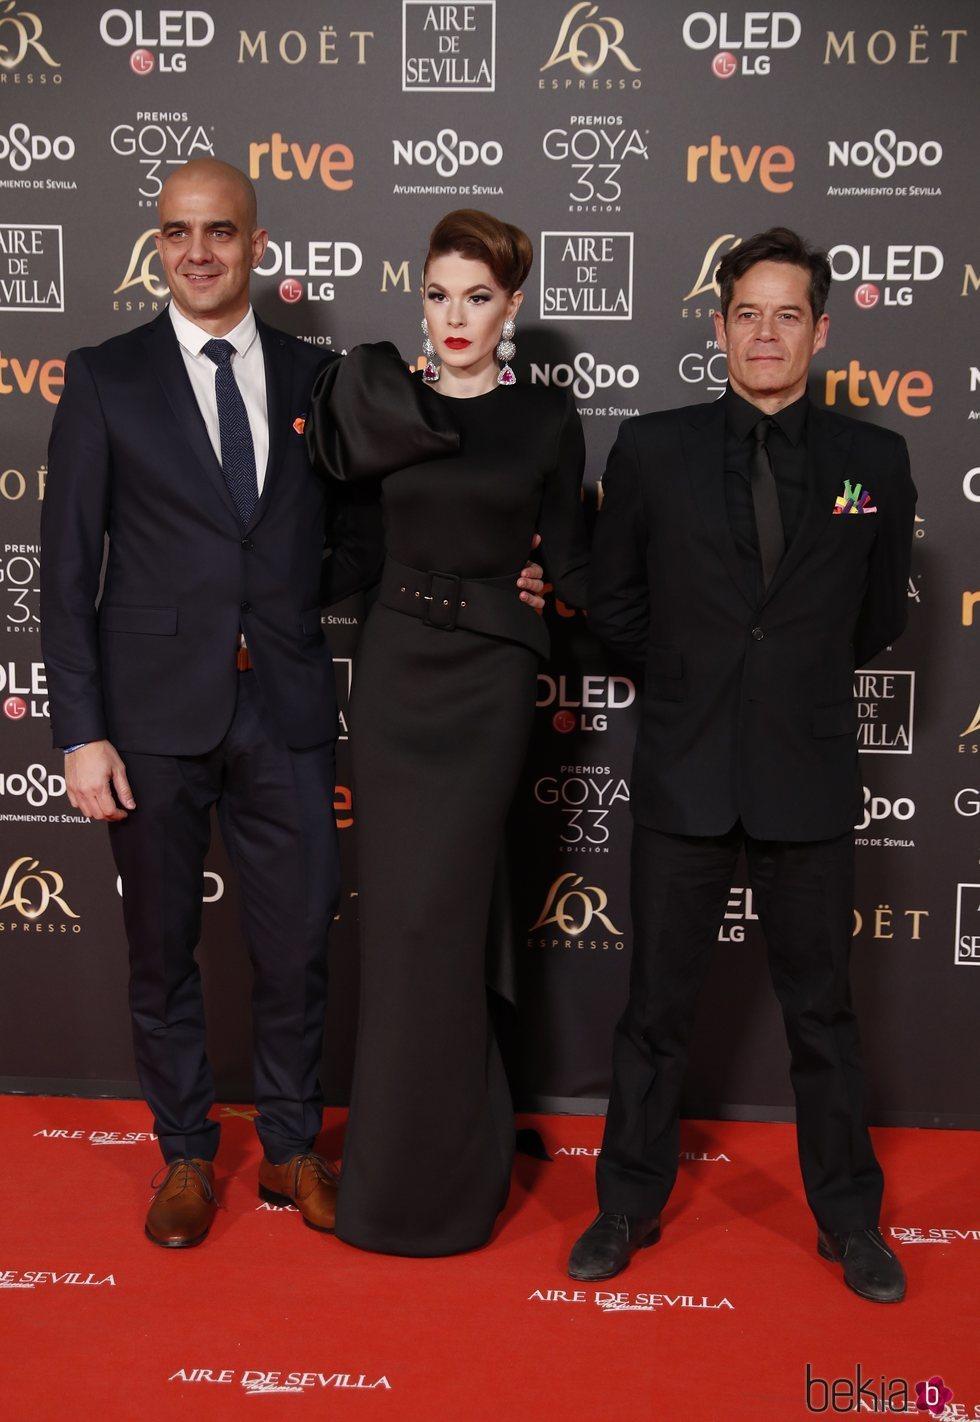 Jorge Sanz en la alfombra roja de los Premios Goya 2019